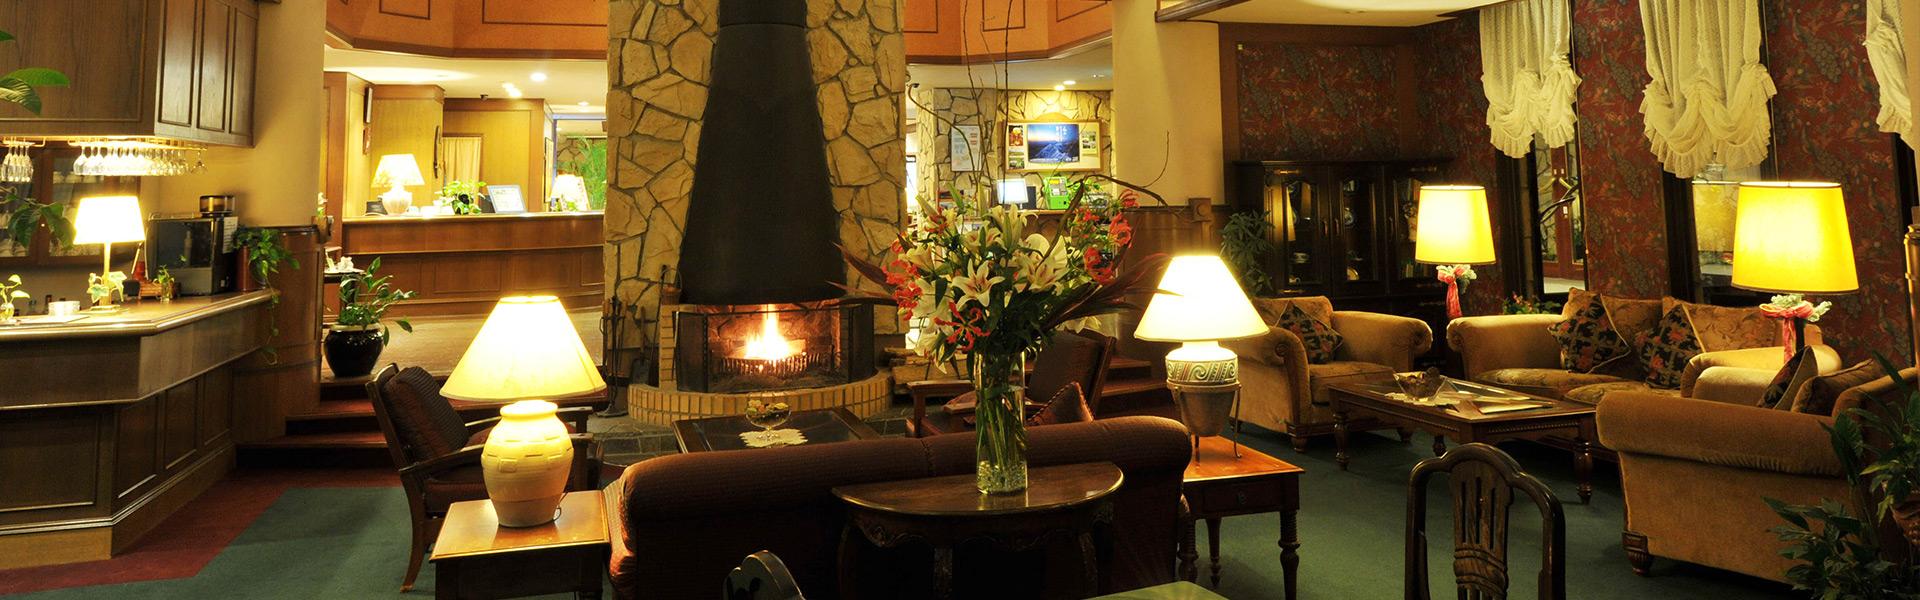 樅の木ホテル、施設案内